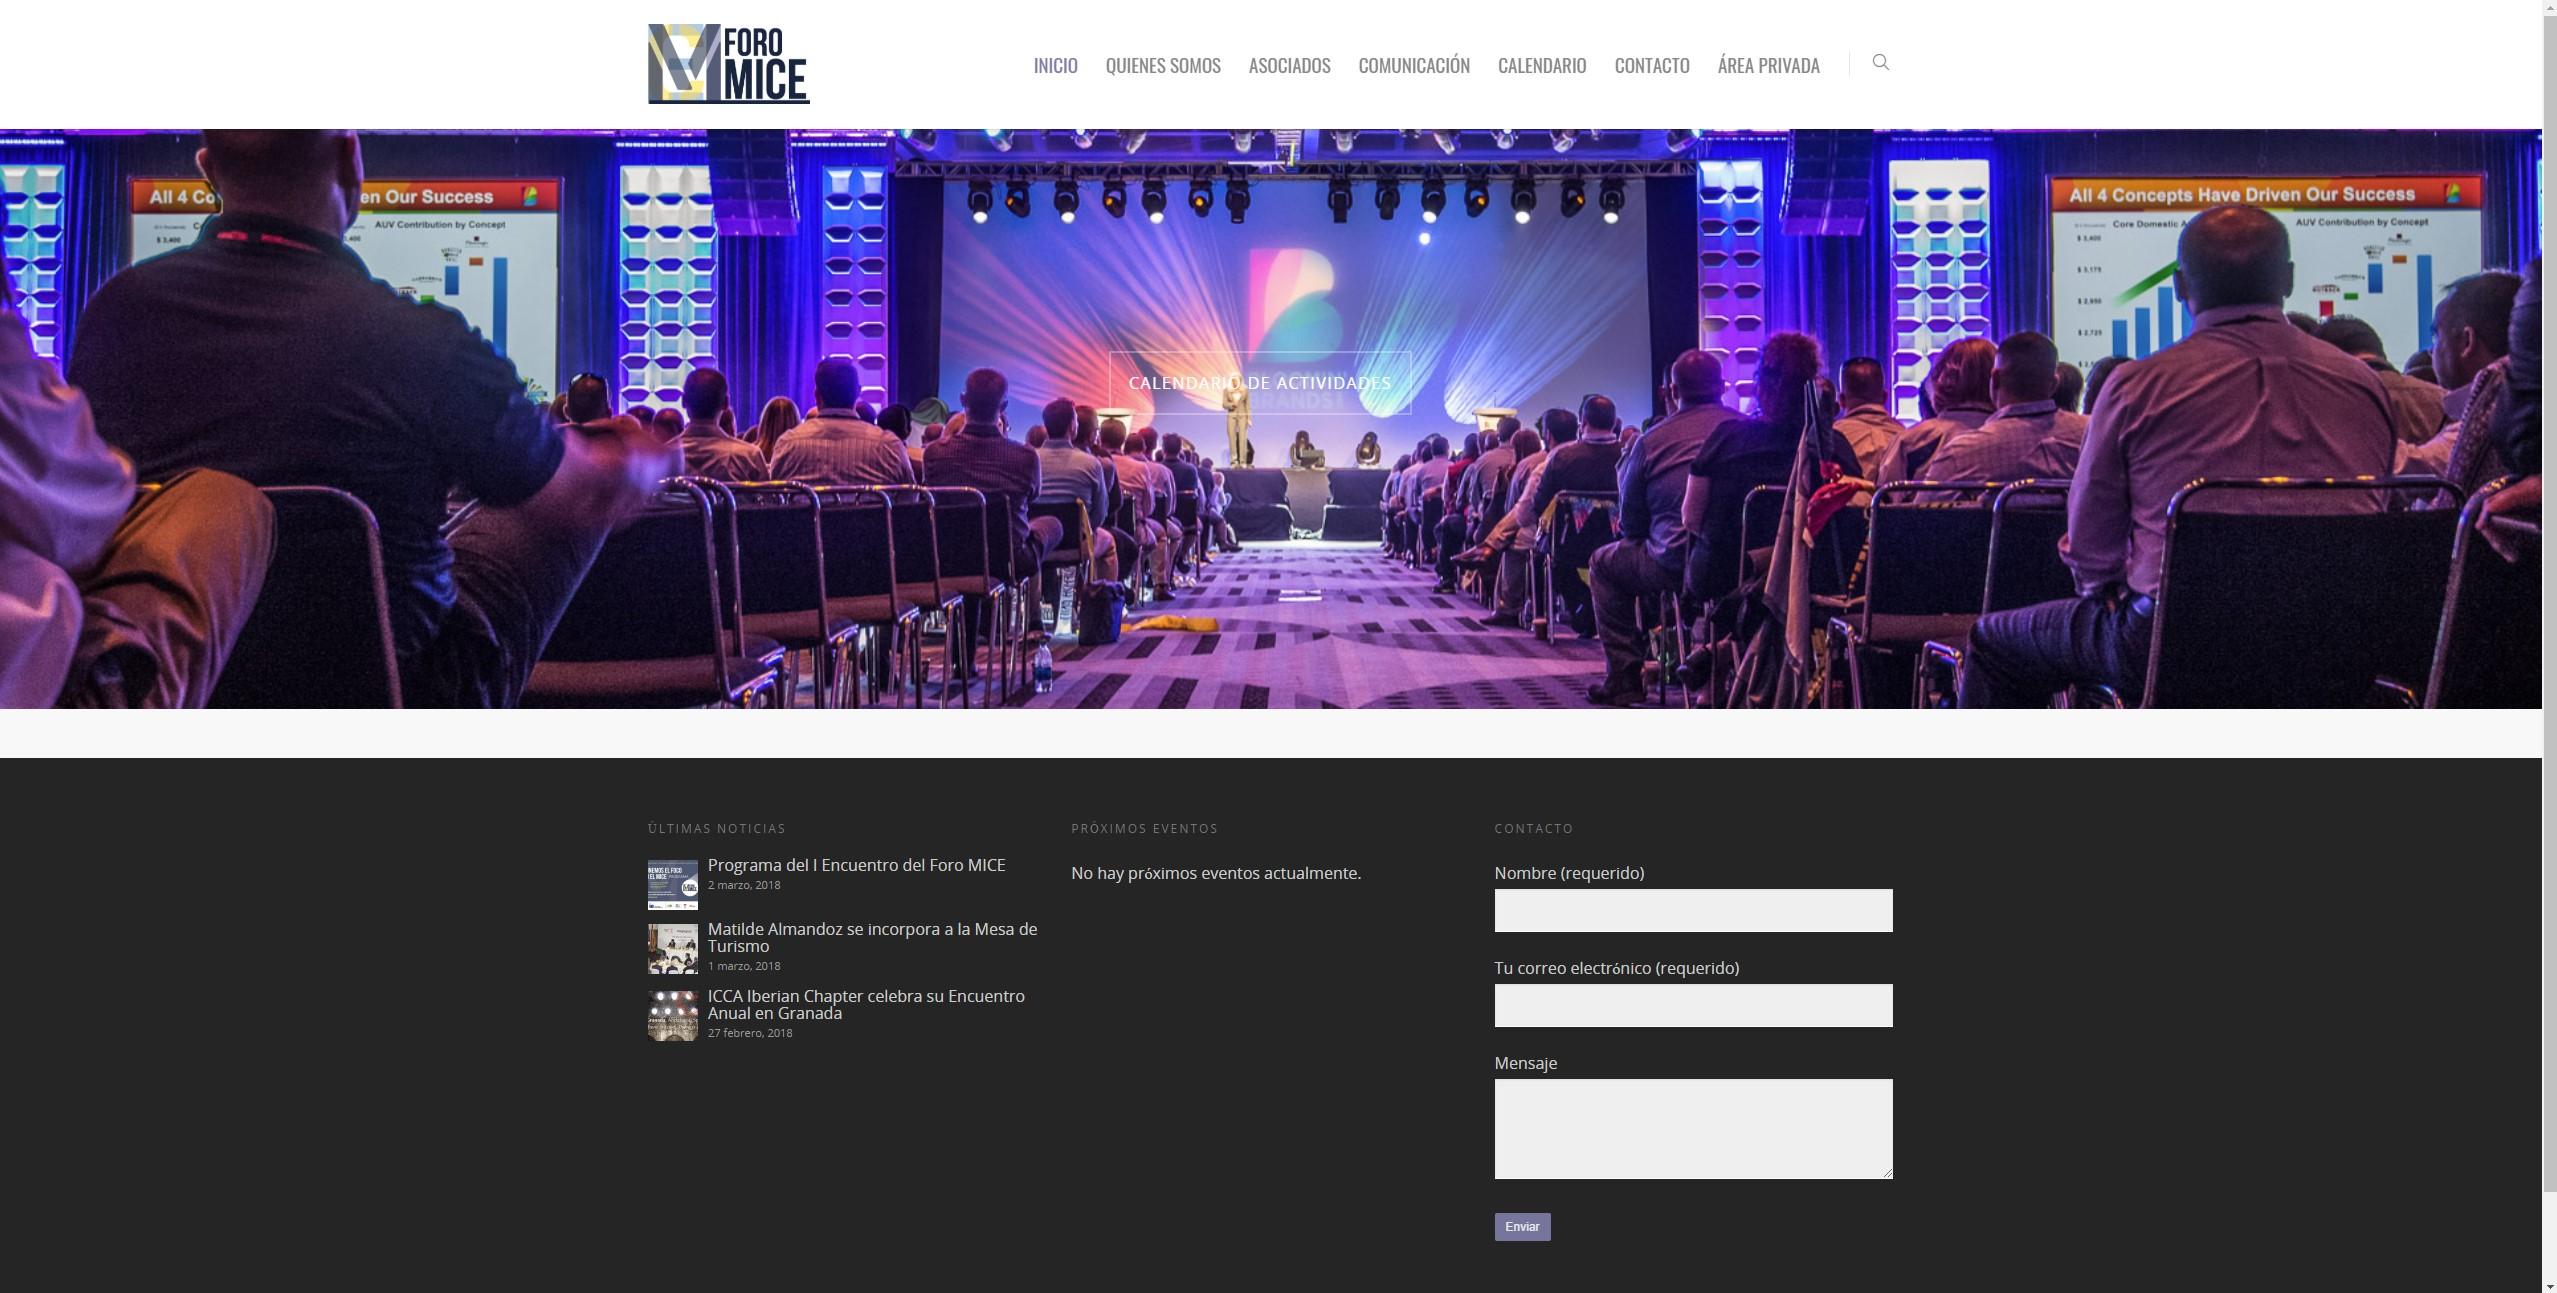 Diseño de página web: Foro MICE